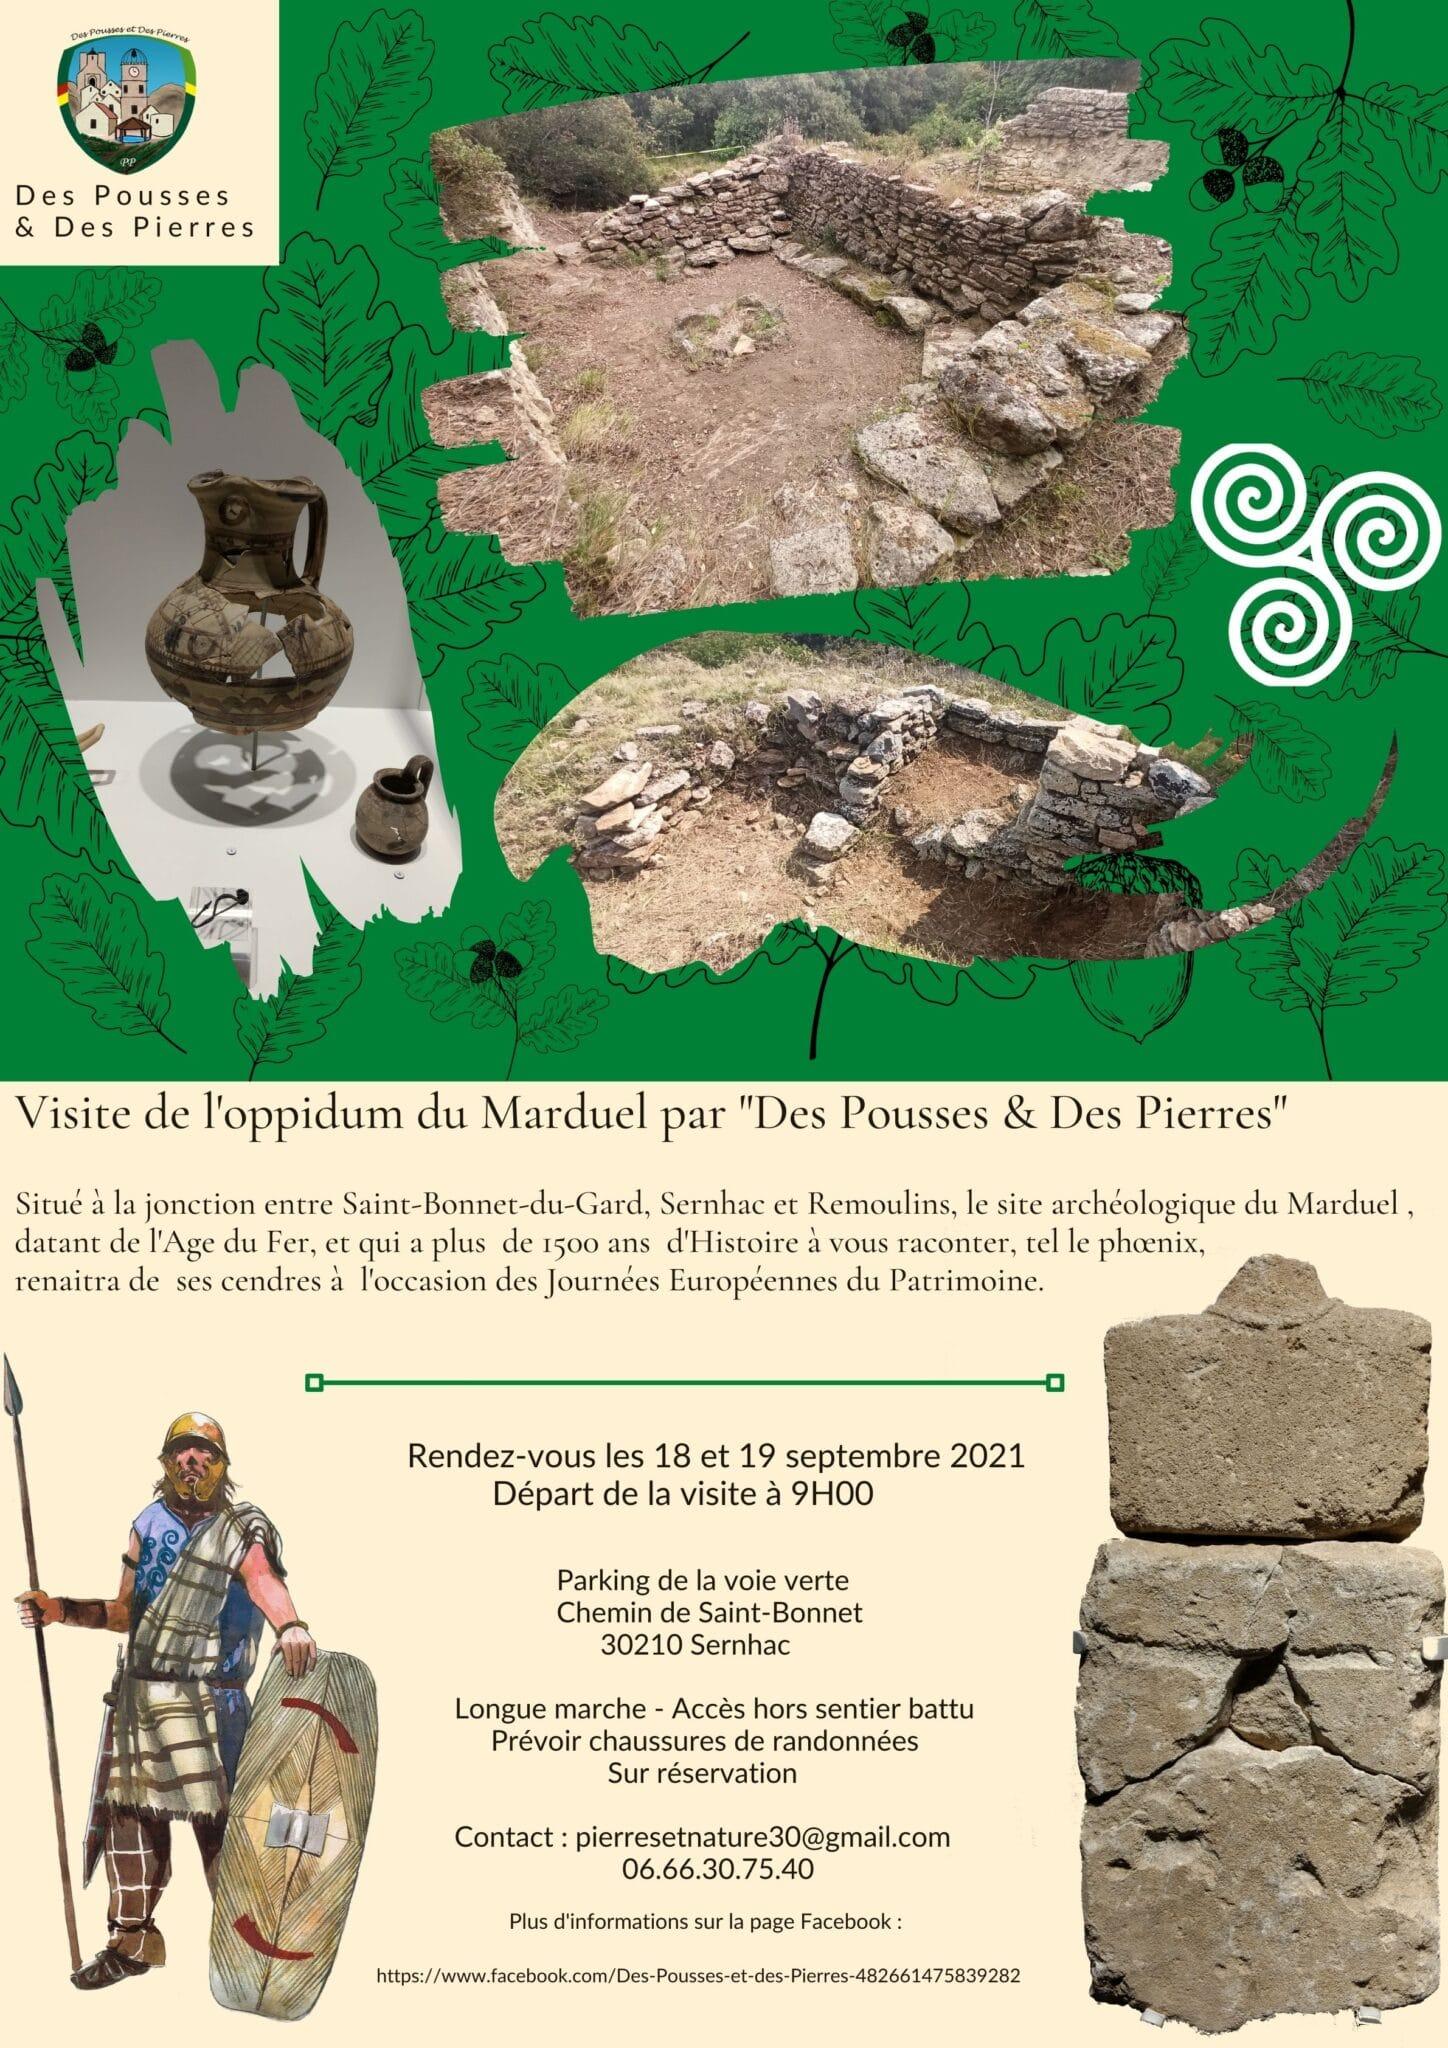 """Journées Européennes du Patrimoine : Visite de l'oppidum du Marduel par """"Des Pousses & Des Pierres"""""""